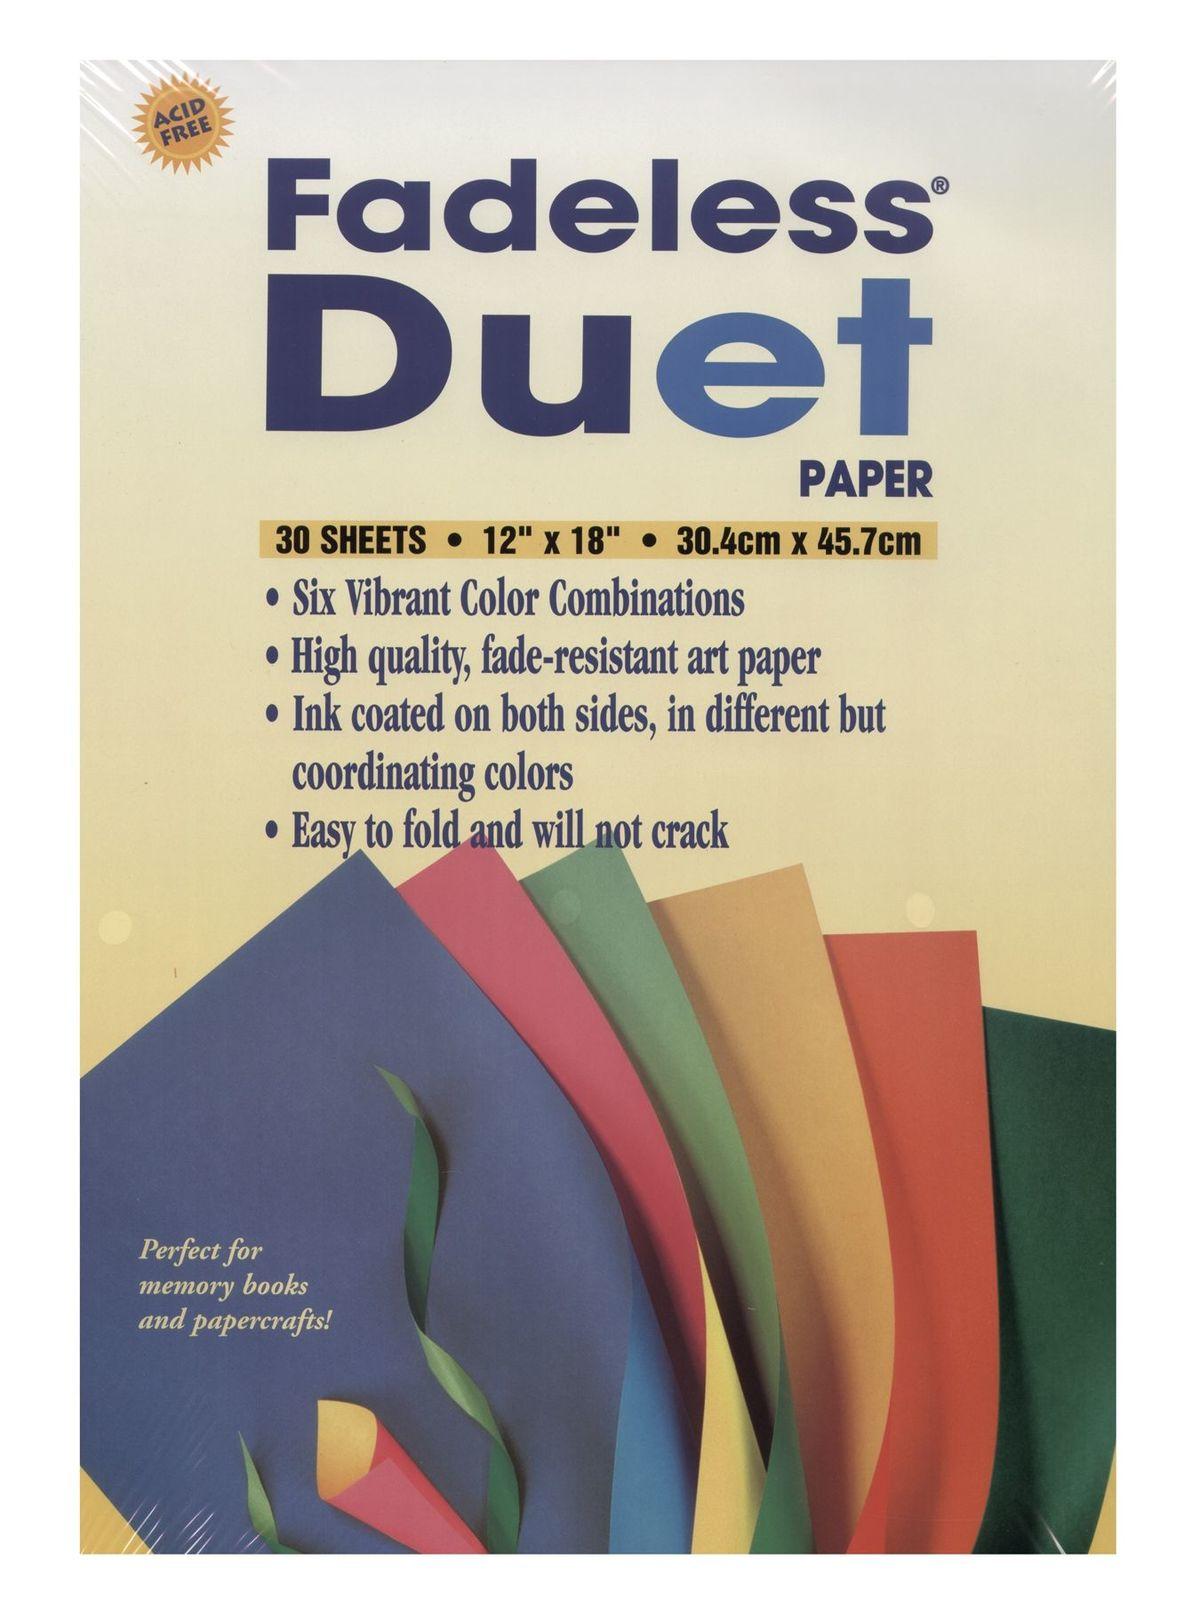 Fadeless Duet Paper